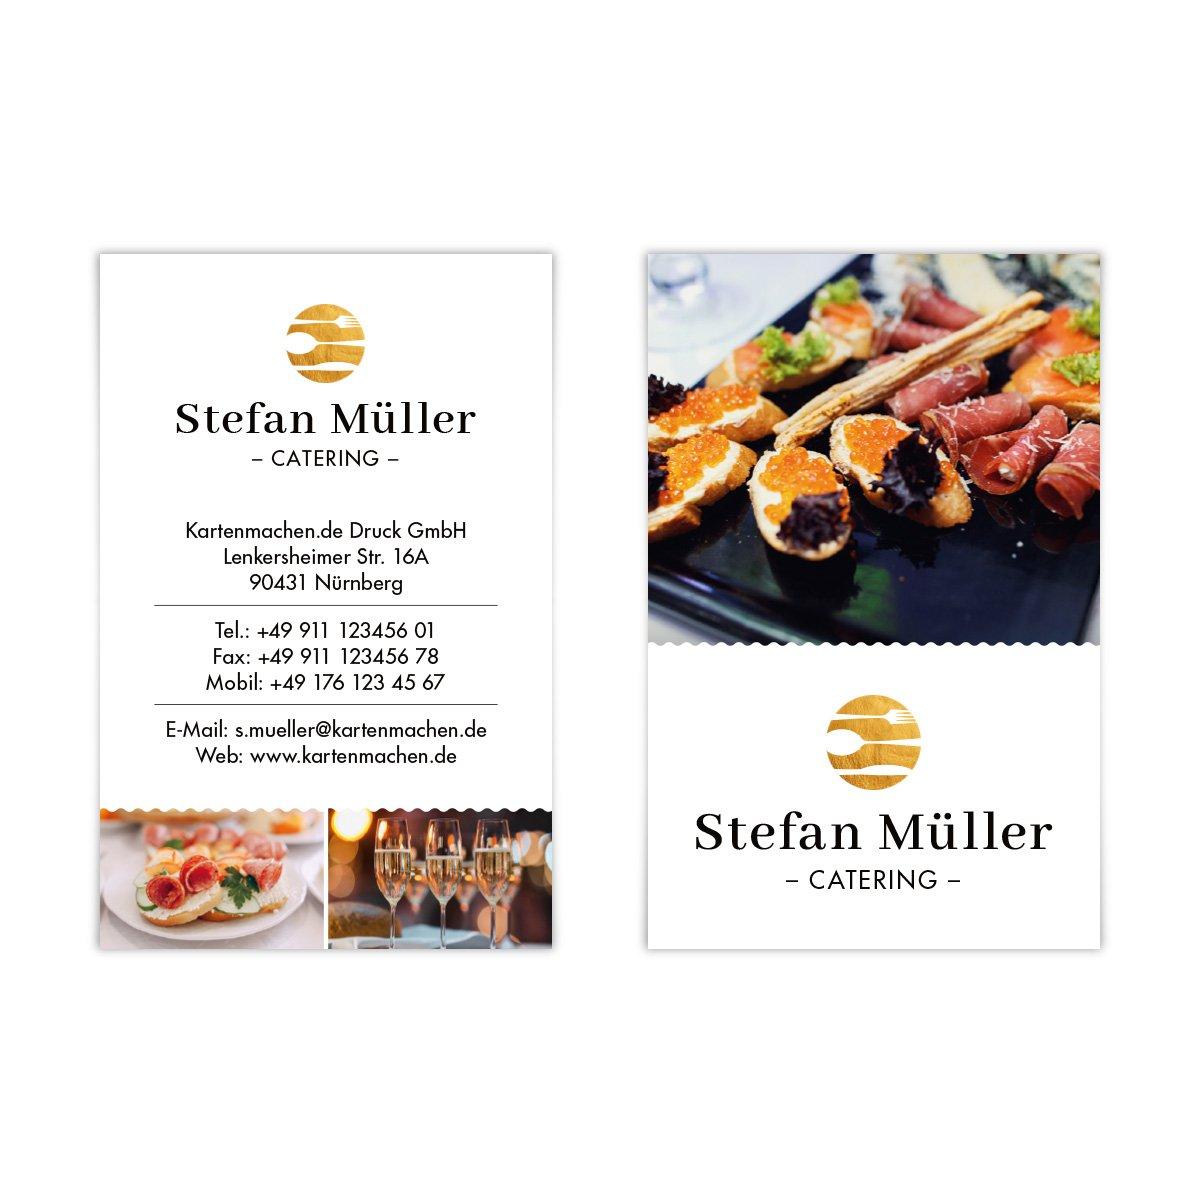 500 x Visitenkarten individuell Business Karten 300g qm qm qm 85 x 55 mm - Catering B07F42N37D Visitenkarten Stilvoll und lustig a09126